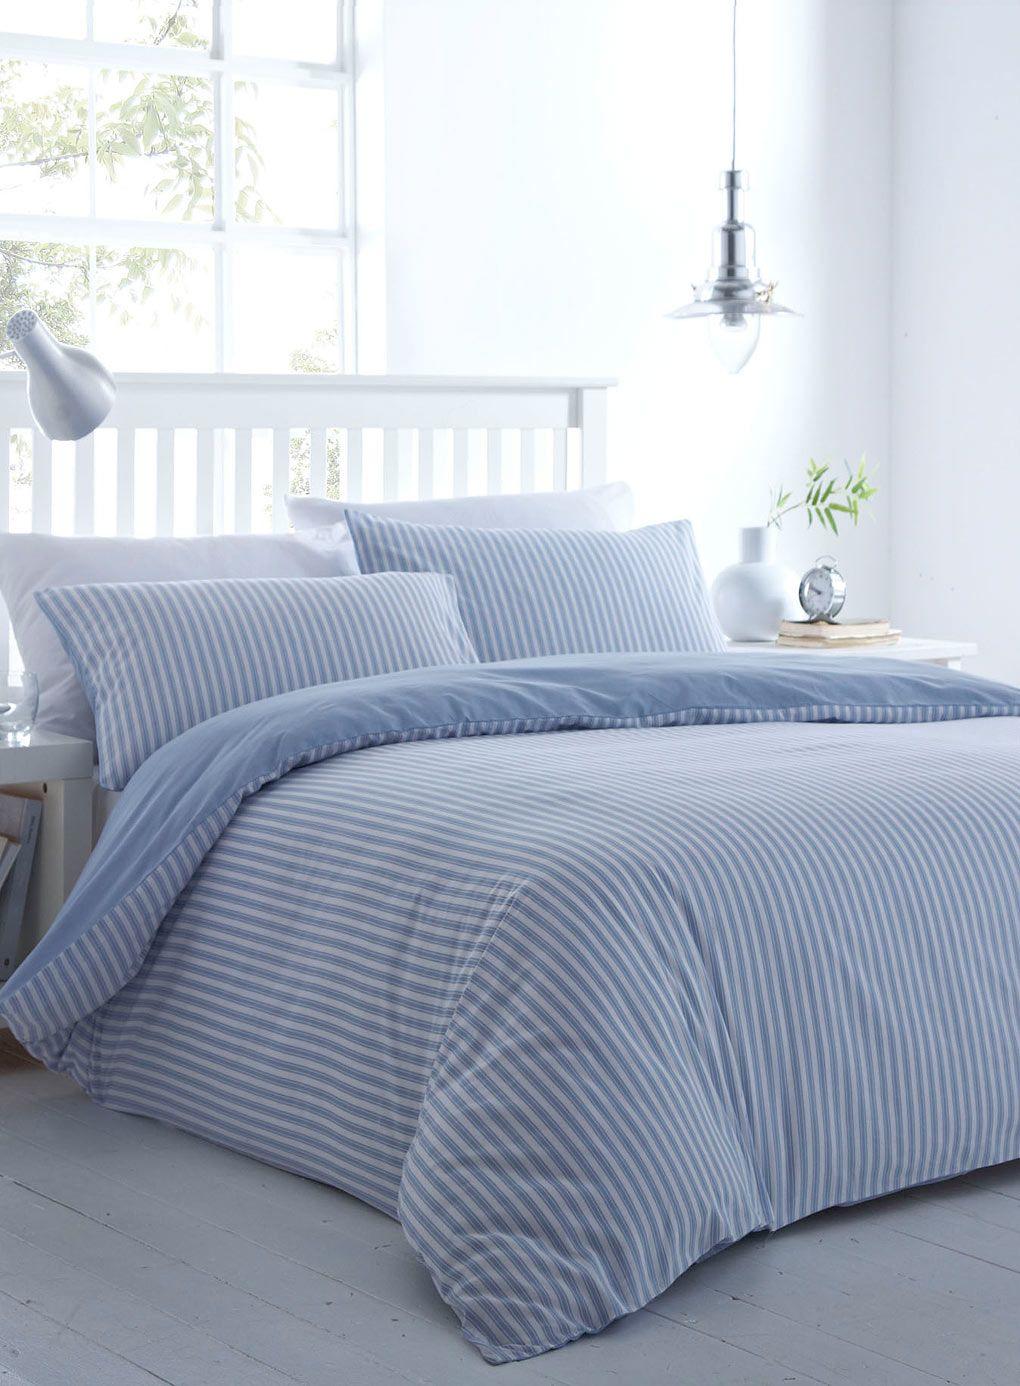 Blue Ticking Stripe Bedding Set Essentials Bedding Sets